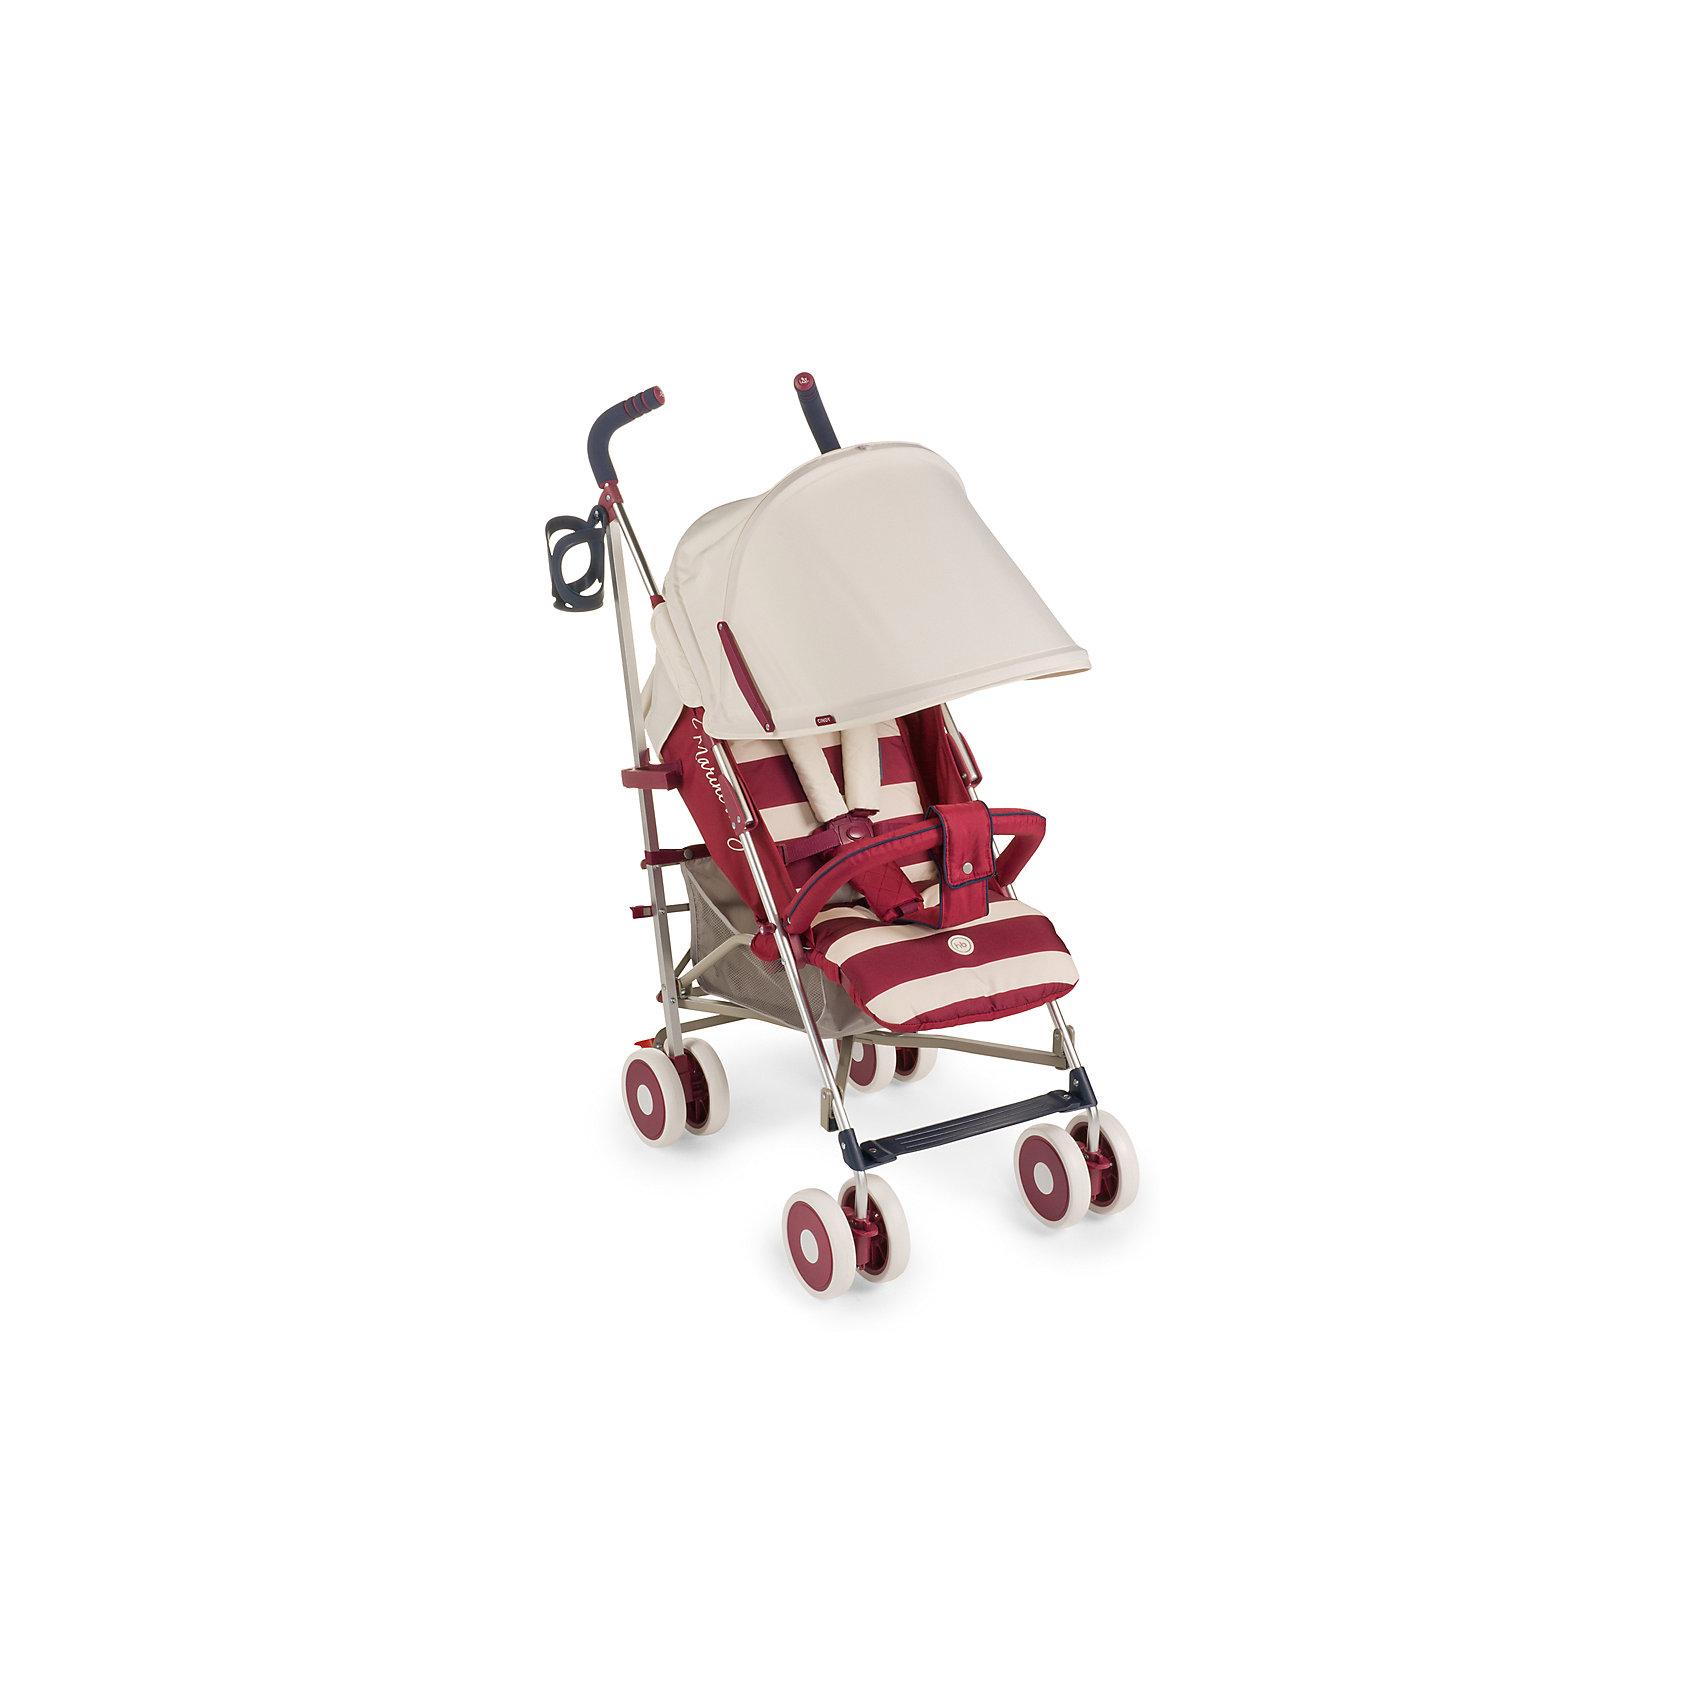 Коляска-трость Cindy, Happy Baby, красныйВНИМАНИЕ!!! Первая партия данной модели коляски в комплектации БЕЗ РАЗДЕЛИТЕЛЯ ДЛЯ НОЖЕК. Последующие партии будут приходить с разделителем. <br><br>* До полного обнуления стока по первой партии возможны две комплектации коляски – с разделителем для ног и без него. <br><br>Благодаря современному дизайну и продуманным функциям коляска Cindy подарит удовольствие от использования и малышу, и маме. Пятиточечные ремни безопасности с мягкими накладками надежно и комфортно зафиксируют ребёнка в коляске. Солнцезащитный козырёк опускается до съемного бампера, а спинка и подножка регулируются в трех положениях. Съемная подушка-подголовник и горизонтальный наклон спинки позволят малышу отдохнуть на свежем воздухе. Передние поворотные колеса с возможностью фиксации обеспечат прекрасную маневренность, а тормозной механизм на задних колесах надежно зафиксирует коляску. Большая вместительная корзина для необходимых аксессуаров, подстаканник и удобные ручки не оставят молодых родителей равнодушными. Благодаря компактному размеру в сложенном состоянии и удобной ручке для переноски коляску можно взять с собой в путешествие. Обивка изготовлена из дышащих материалов. Мягкая подкладка для головы и плеч создаст дополнительный уют вашему малышу. Ткань проста в уходе. Легко чистить влажной тряпочкой.<br><br>Дополнительная информация:<br><br>Размеры в разложенном виде ДхШхВ: 77х48х108 см<br>Размеры в сложенном виде ДхШхВ: 109х26,5х34 см<br>Максимальный вес ребенка: 15 кг<br>Ширина сиденья: 31 см<br>Длина спального места: 84 см<br>Глубина сиденья: 20 см + 17 см (подножка)<br>Длина спинки: 48см<br>Кол-во положений спинки: 3<br>Углы наклона спинки: 108, 128, 175<br>Передние поворотные колеса (360°)<br>Задние колеса с тормозным механизмом<br>Амортизация передних и задних колес<br>В комплекте дождевик, подстаканник, москитная сетка.<br>Тип складывания: трость<br>Вес коляски: 7,3 кг<br>Ручка с нескользящим покрытием<br>Капюшон с увеличением опускается до б